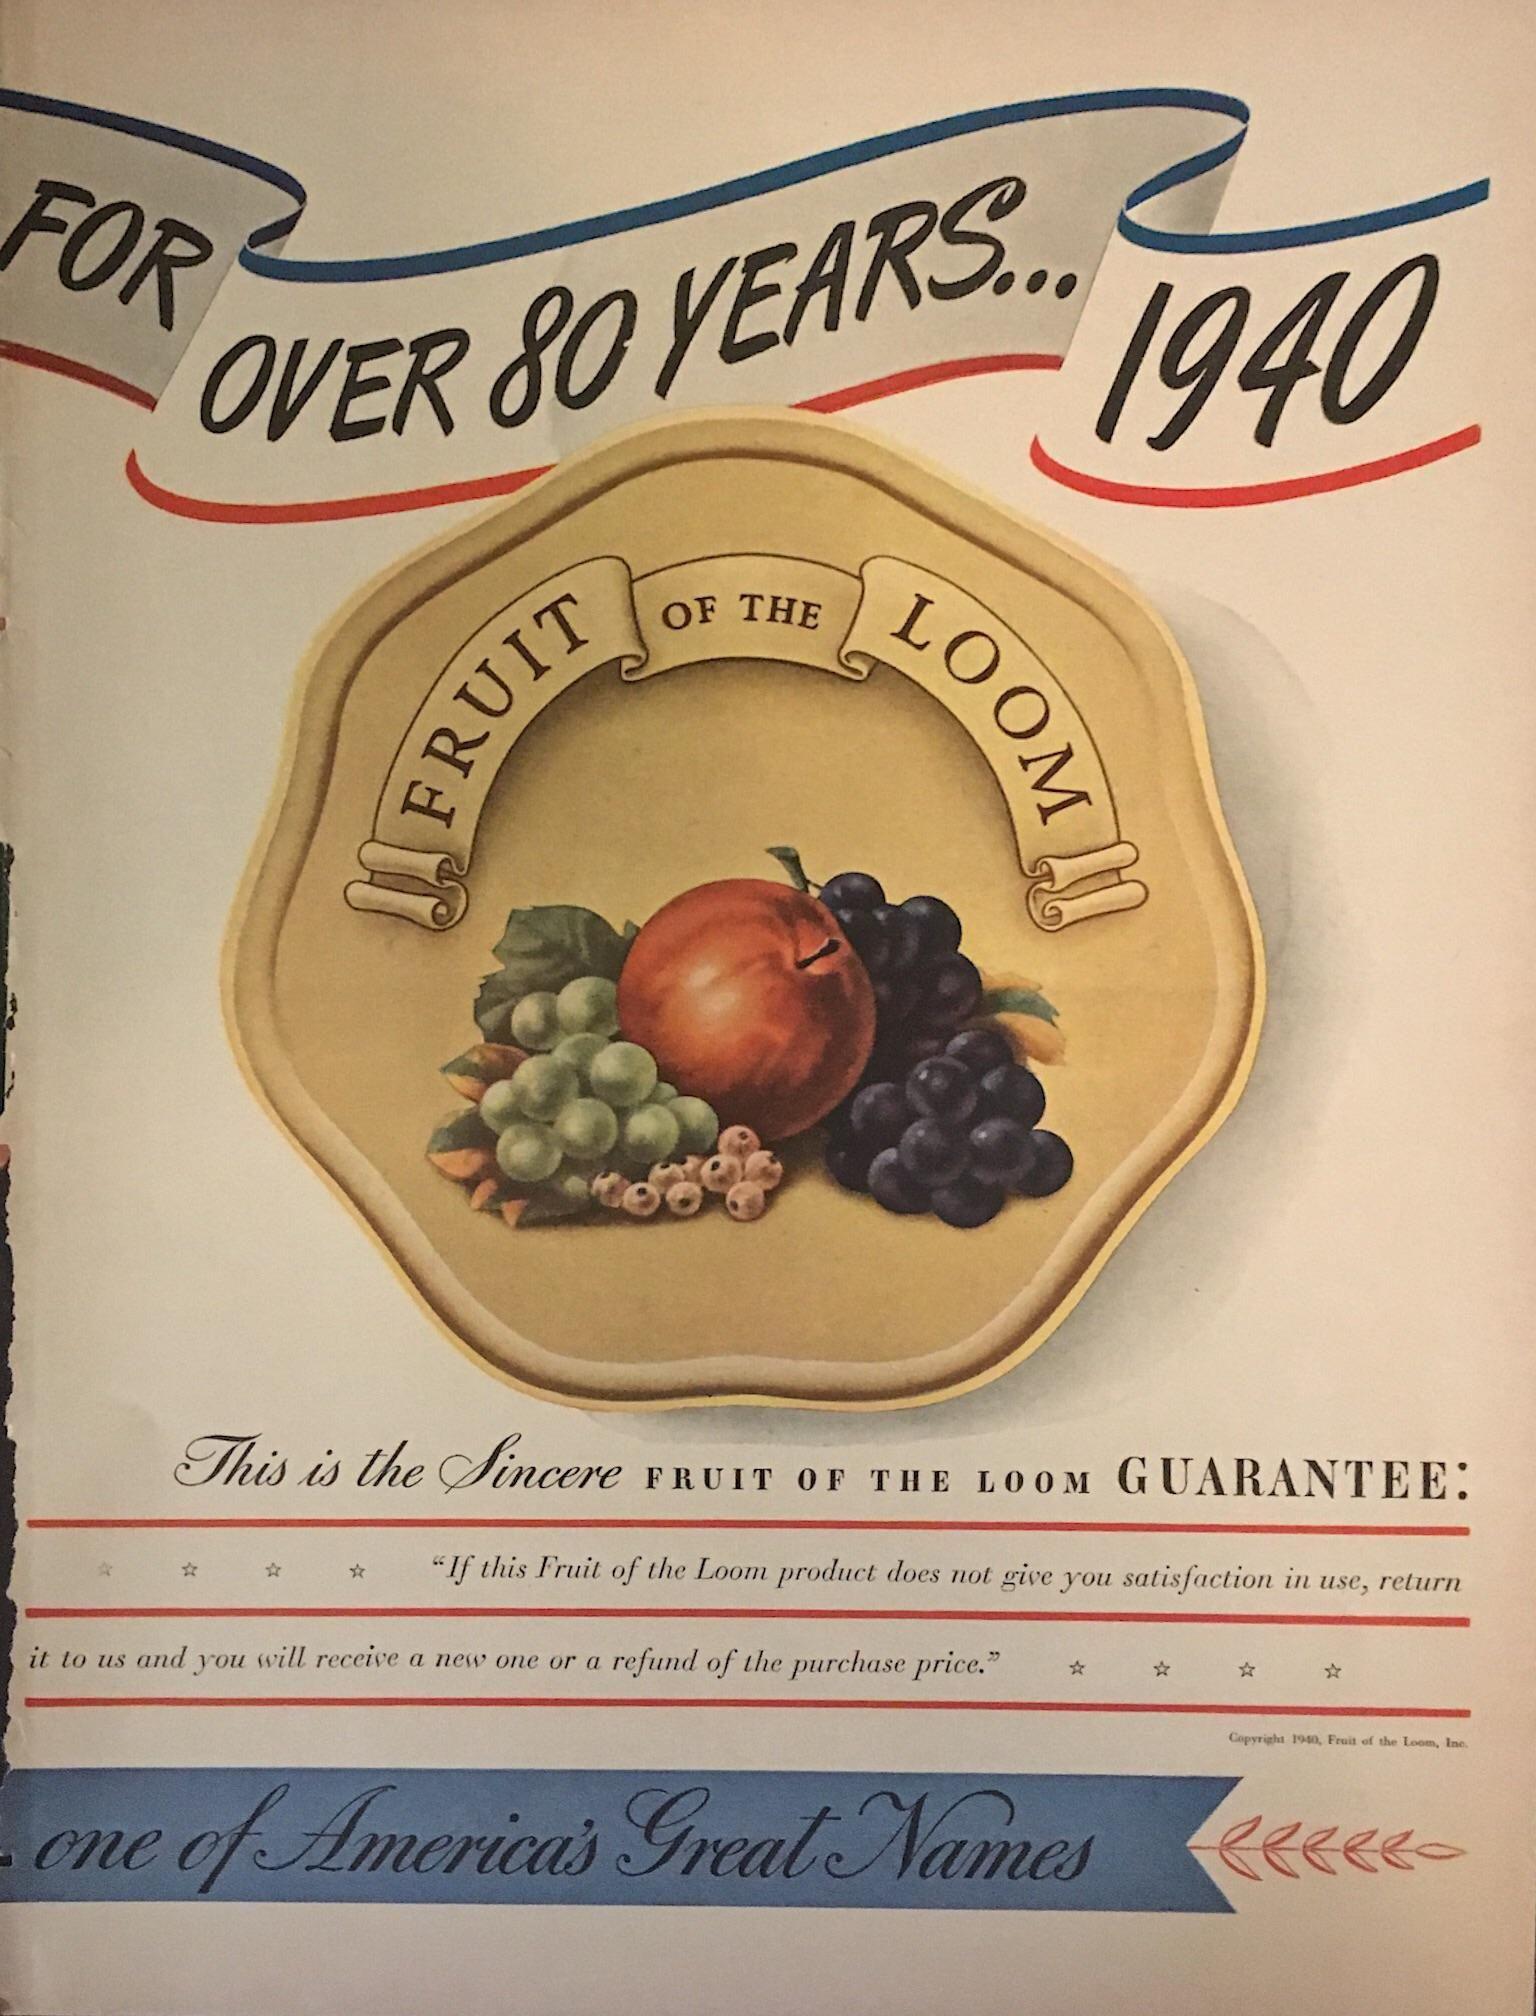 Vintage 1940 Life Magazine Fruit of the Loom Print Ad